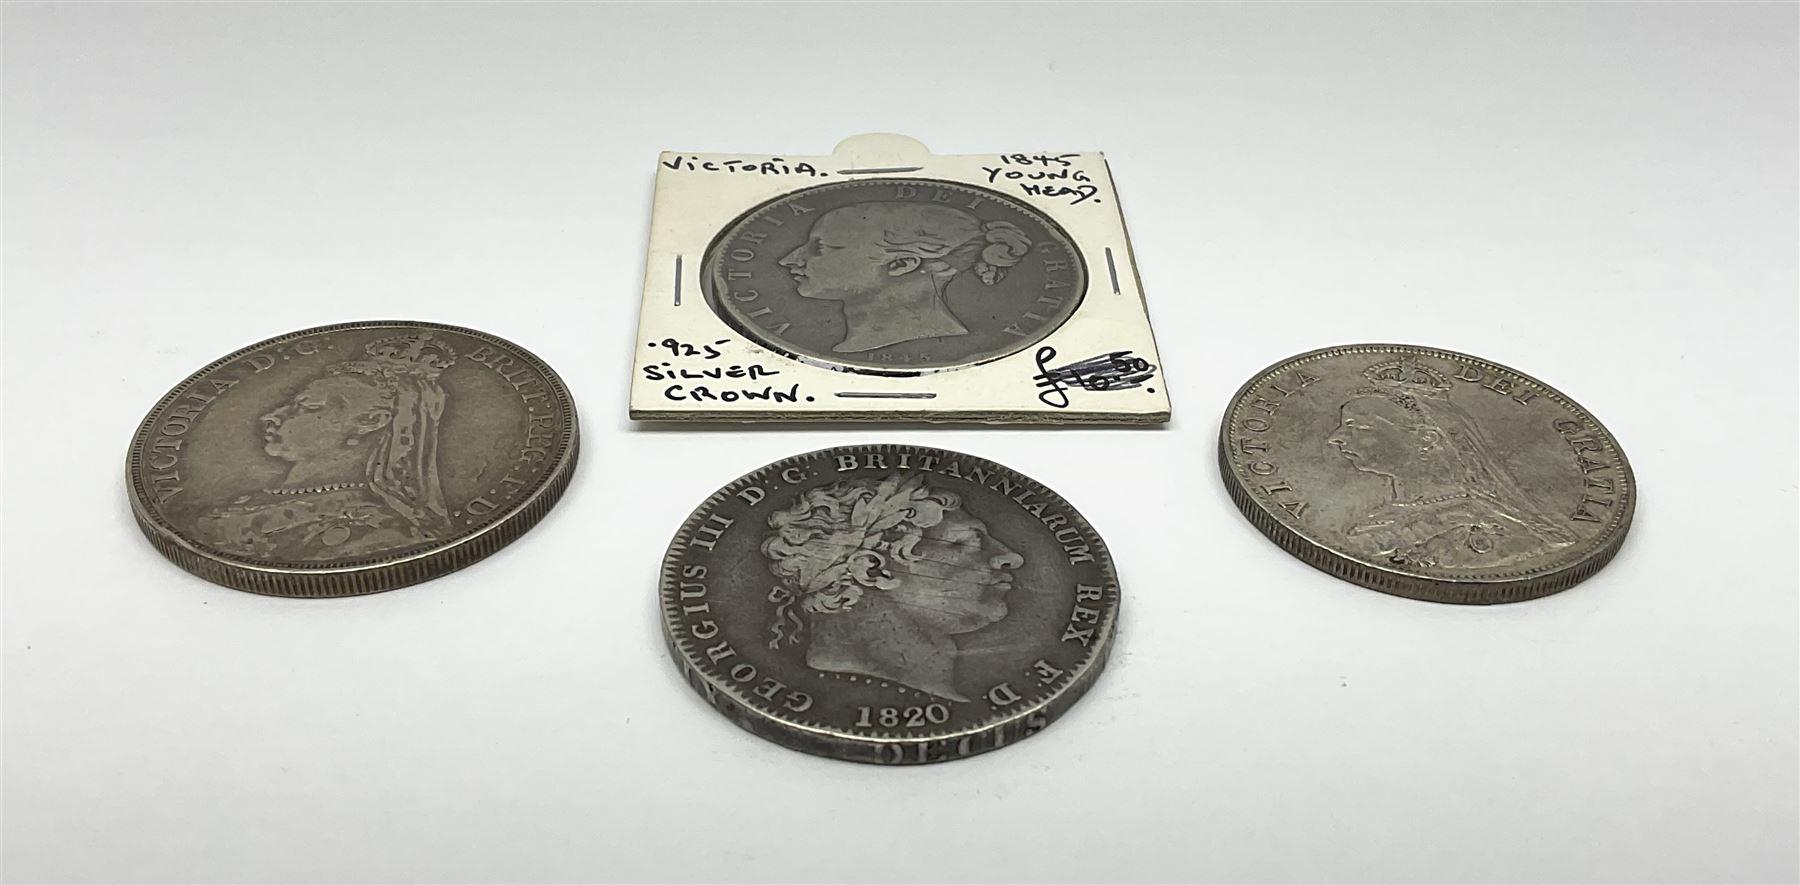 King George III 1920 crown - Image 2 of 4